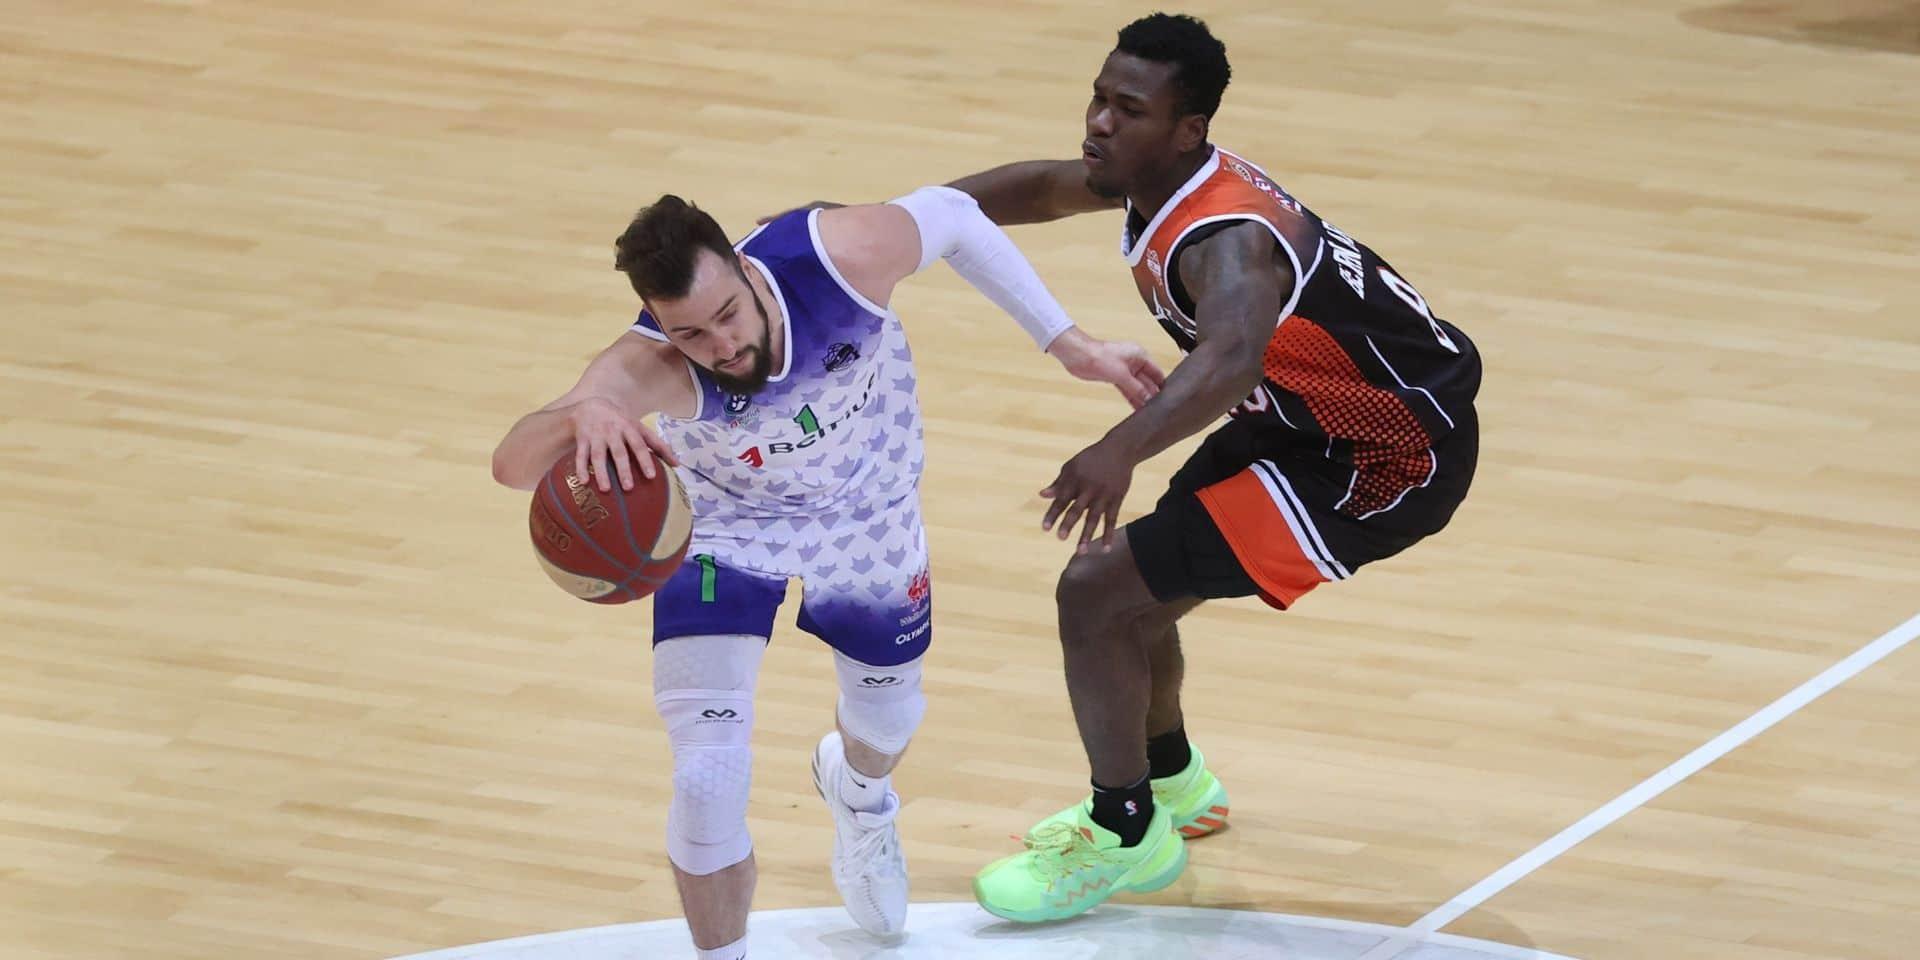 Euromillions Basket League: victoires pour Limburg United, Anvers et Louvain